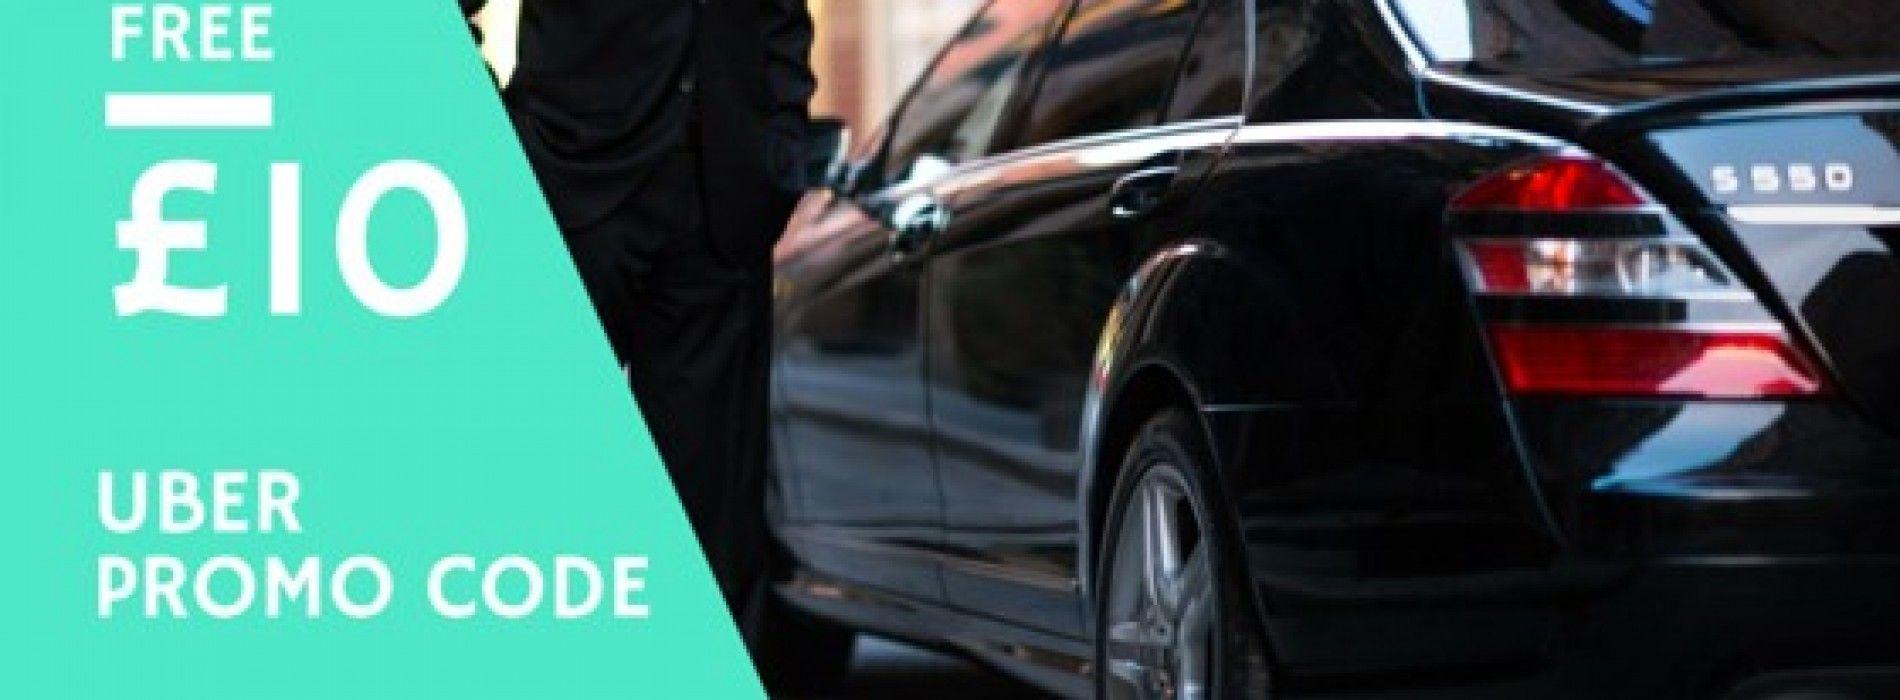 Uber Promo Code Get £15 Free Uber Credit Uber Promo